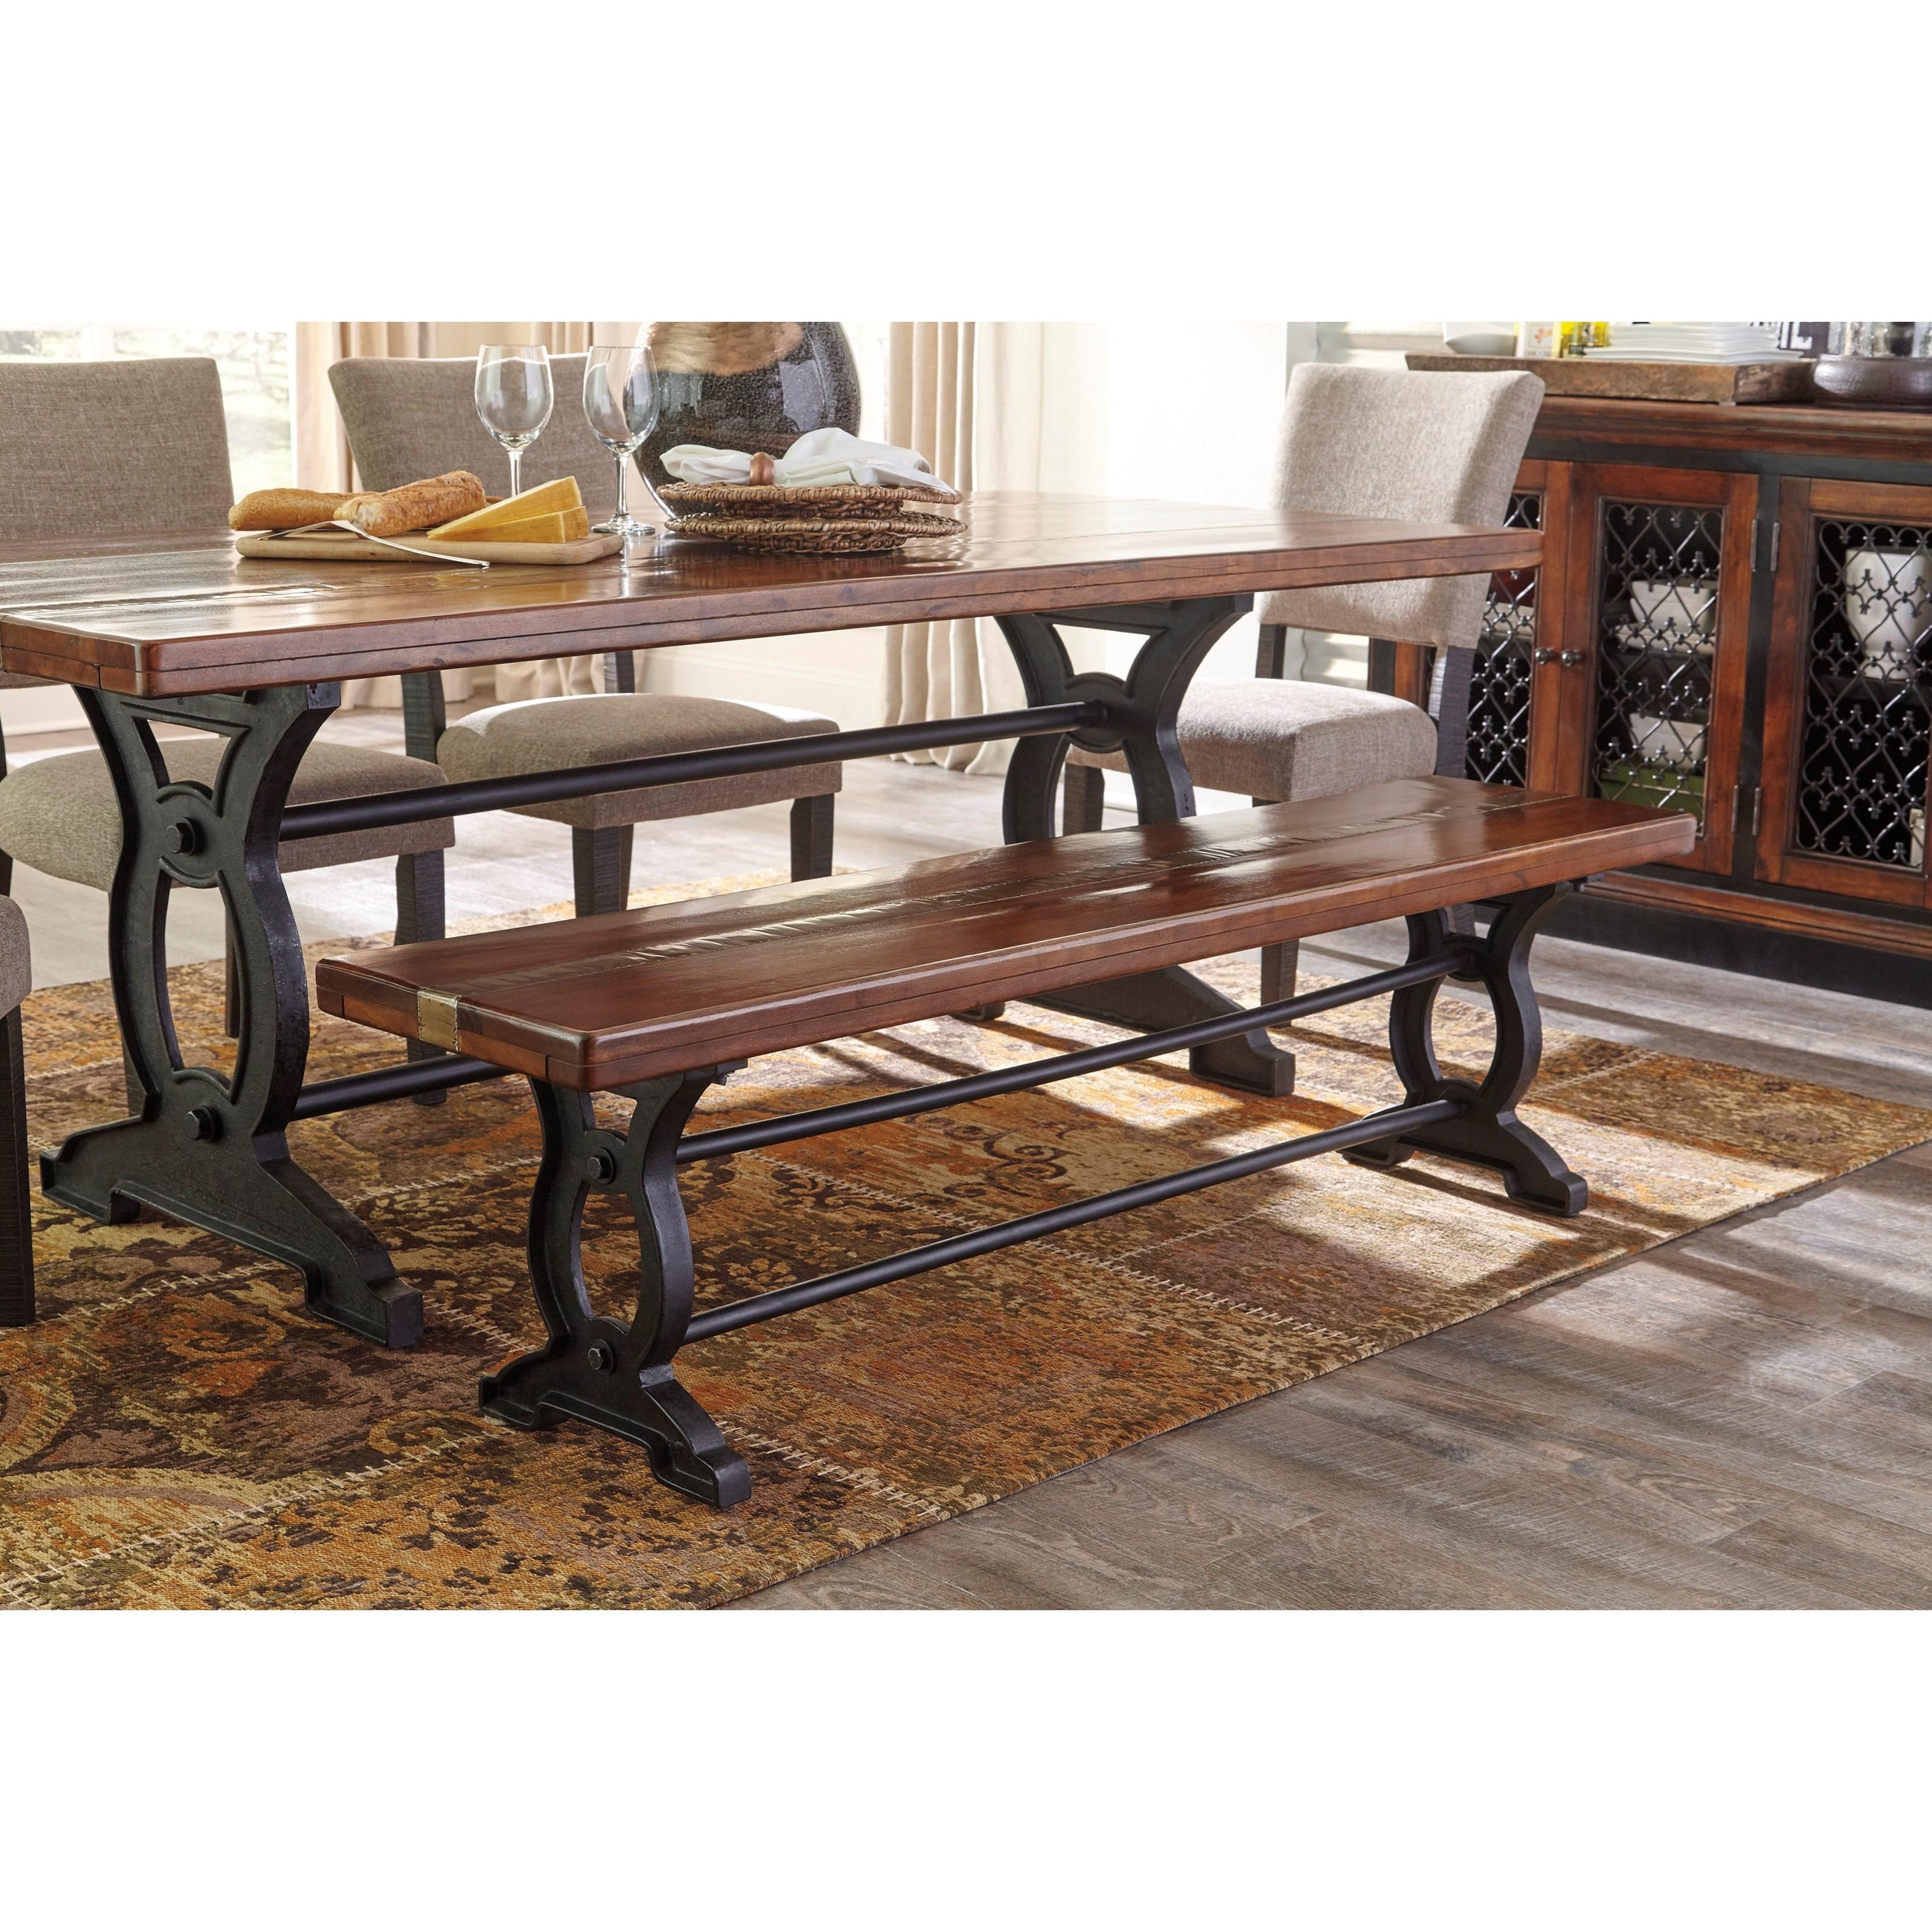 signature design by ashley zurani d709 00 wood metal large dining room bench becker furniture. Black Bedroom Furniture Sets. Home Design Ideas